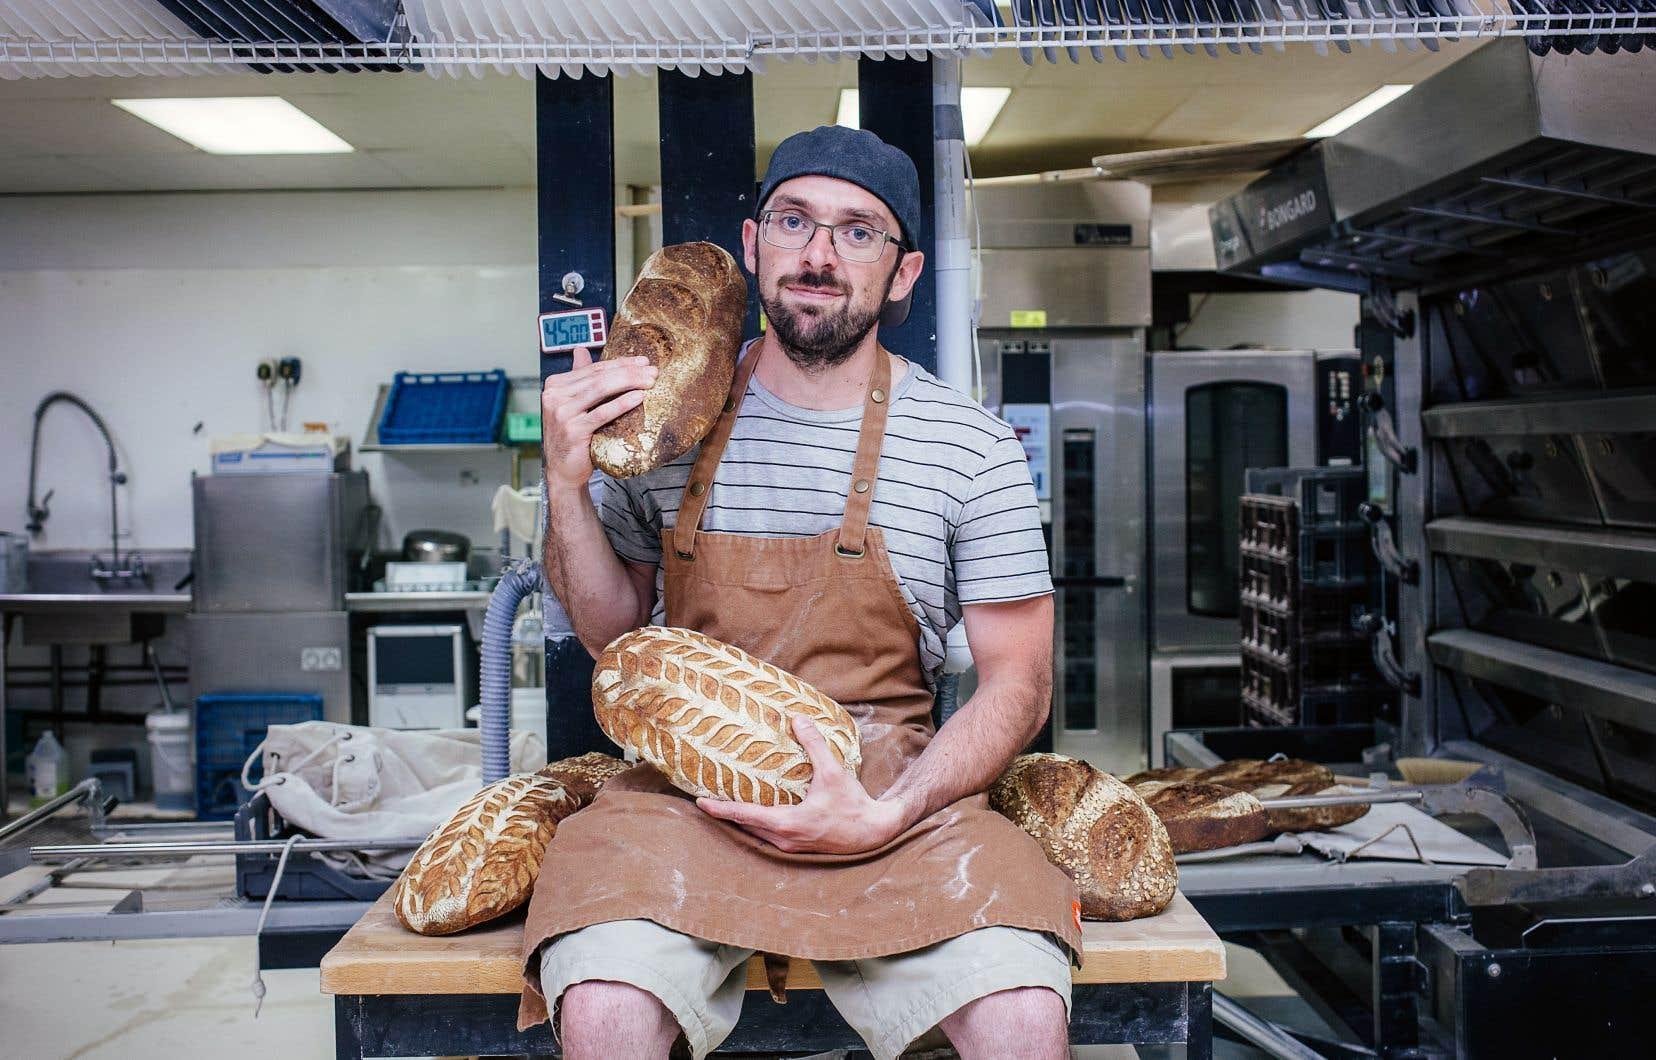 Maxime Deslandes est fondateur de Blés de pays, une boulangerie qui soutient la biodiversité, les circuits courts et les variétés de grains anciens.